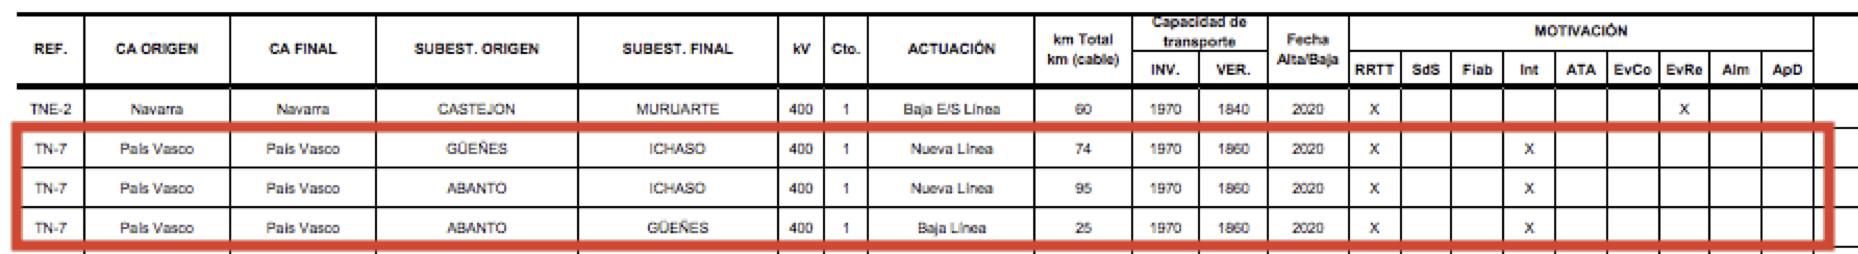 Descripción de la línea Güeñes-Itsaso dada en la planificación estratégica